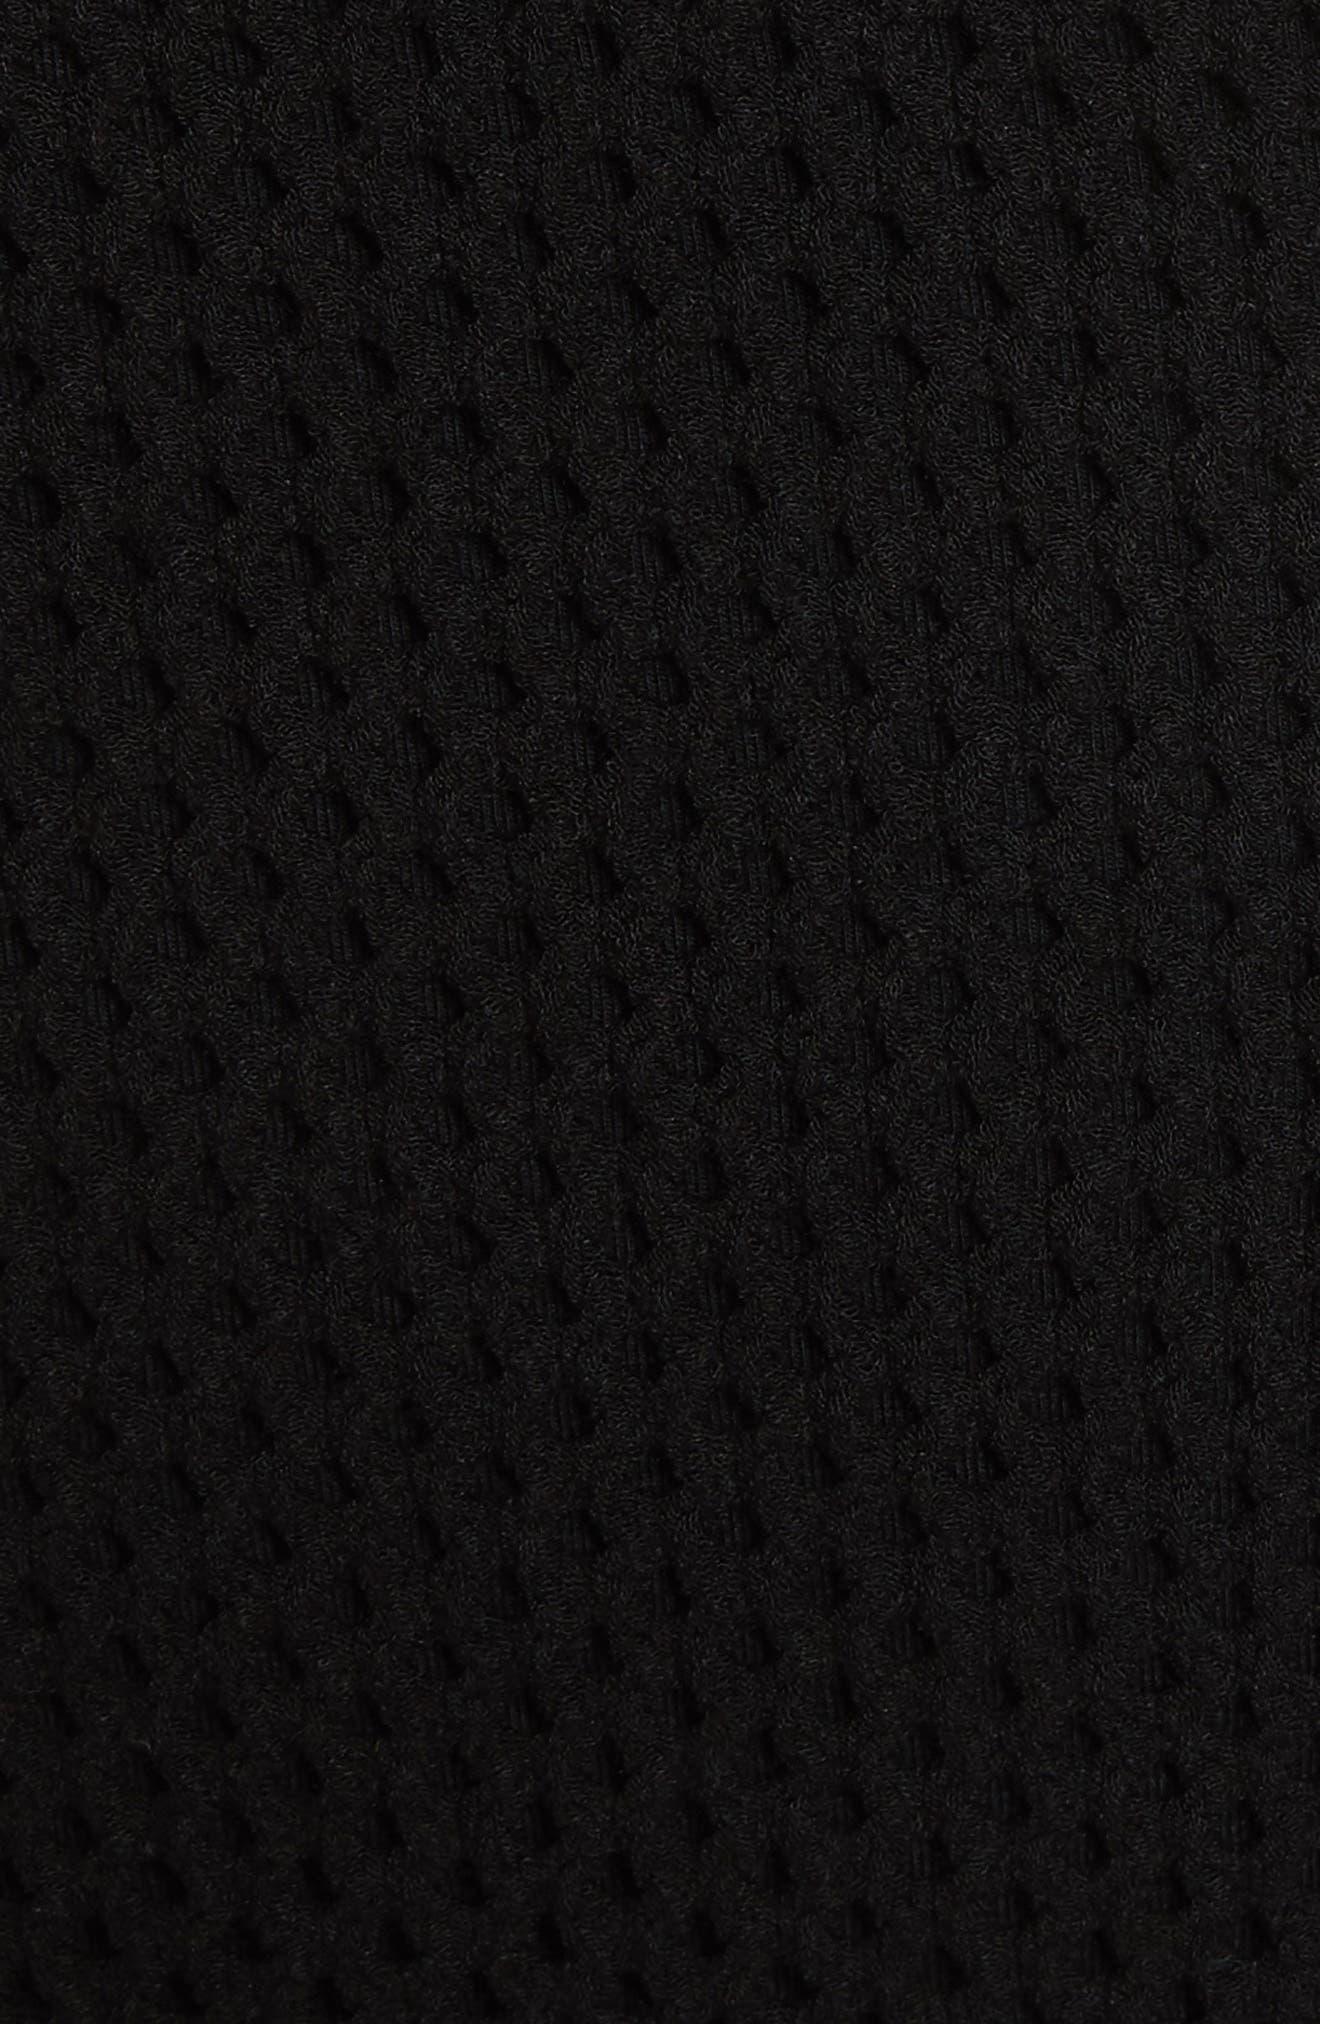 Jones Fishnet Sweater,                             Alternate thumbnail 9, color,